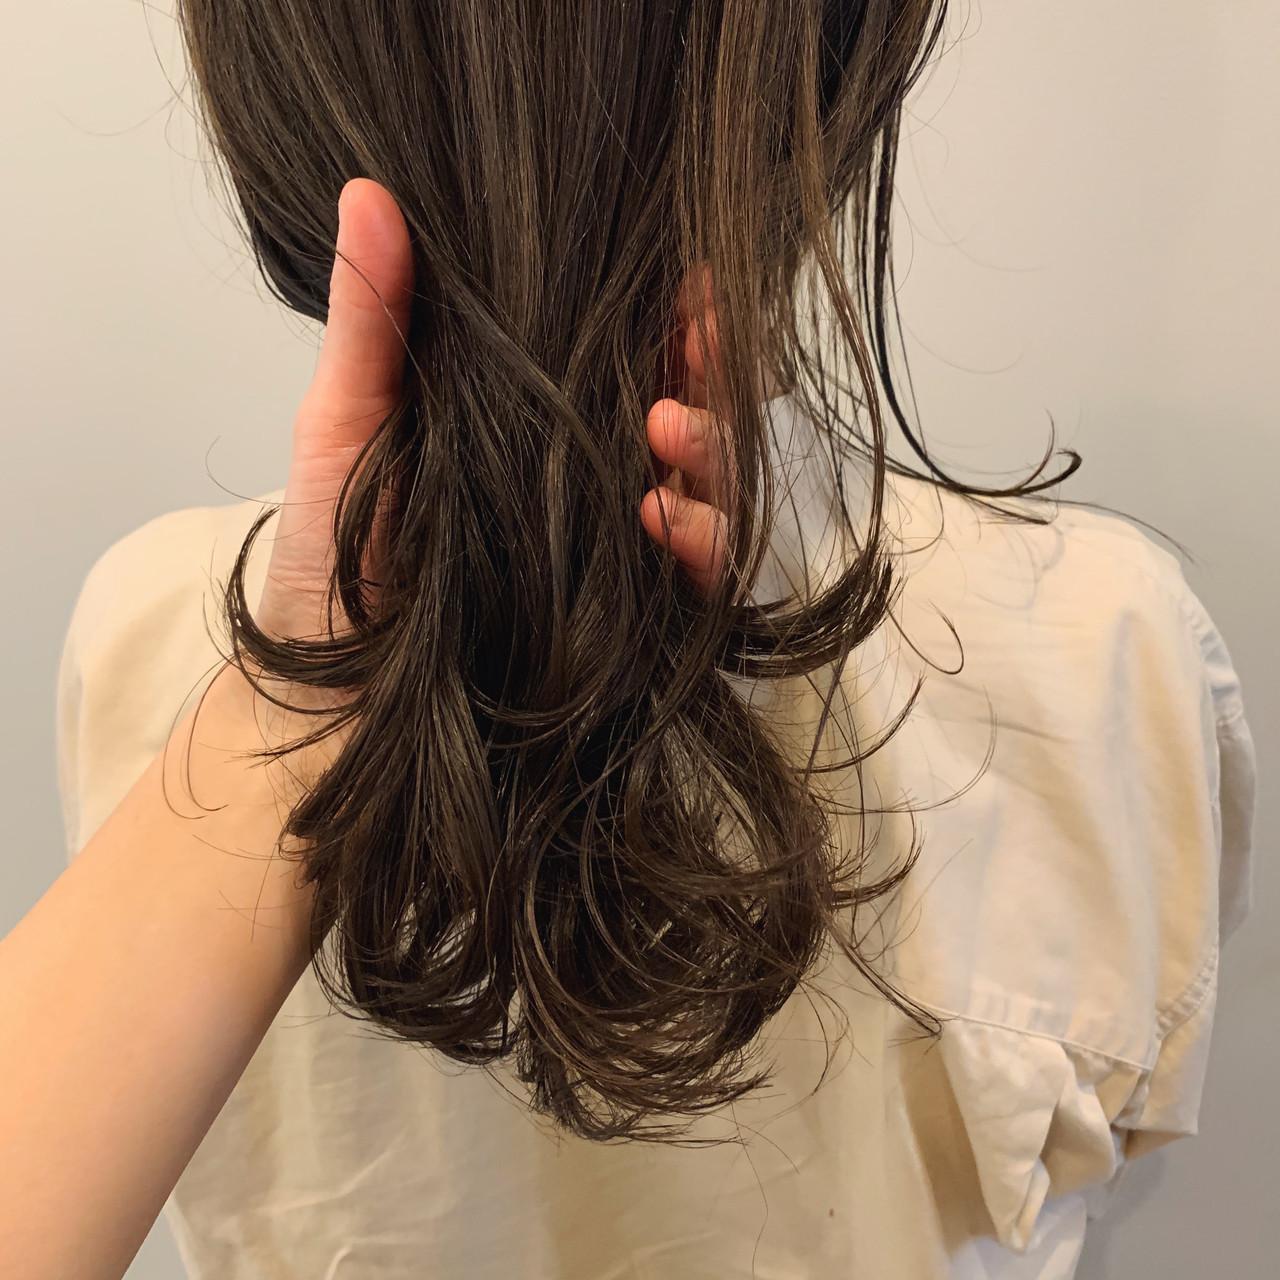 オリーブカラー オリーブアッシュ セミロング ミディアムヘアー ヘアスタイルや髪型の写真・画像